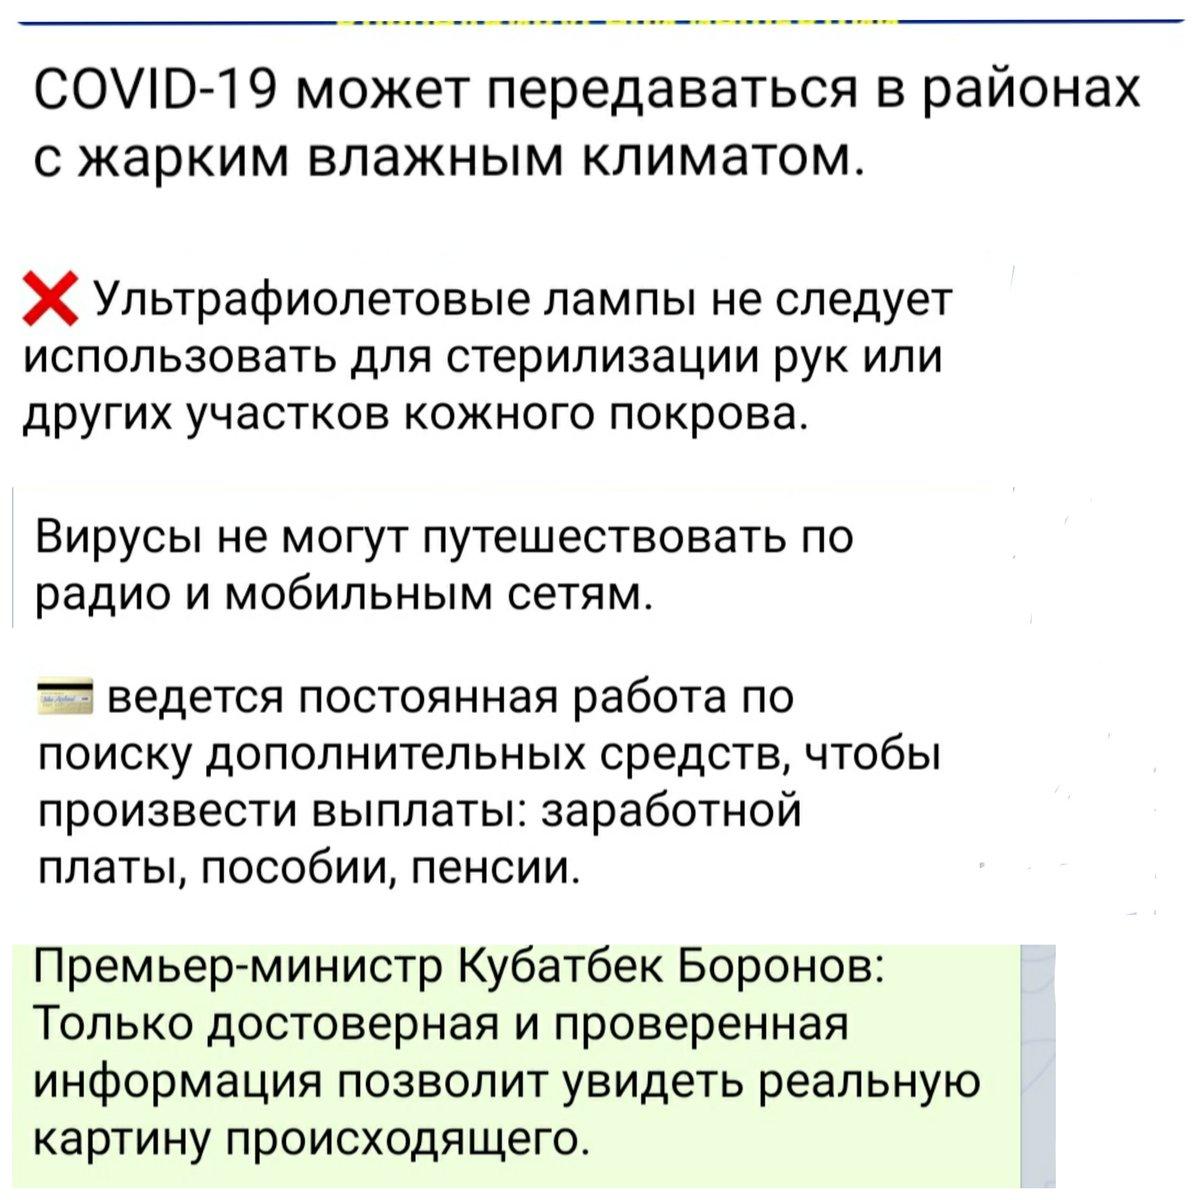 Очевидное - невероятное 2020. Дайджест самых невероятных и очевидных новостей.   #COVIDー19 #Covid_19 #бишкек pic.twitter.com/KWpDqLLePg